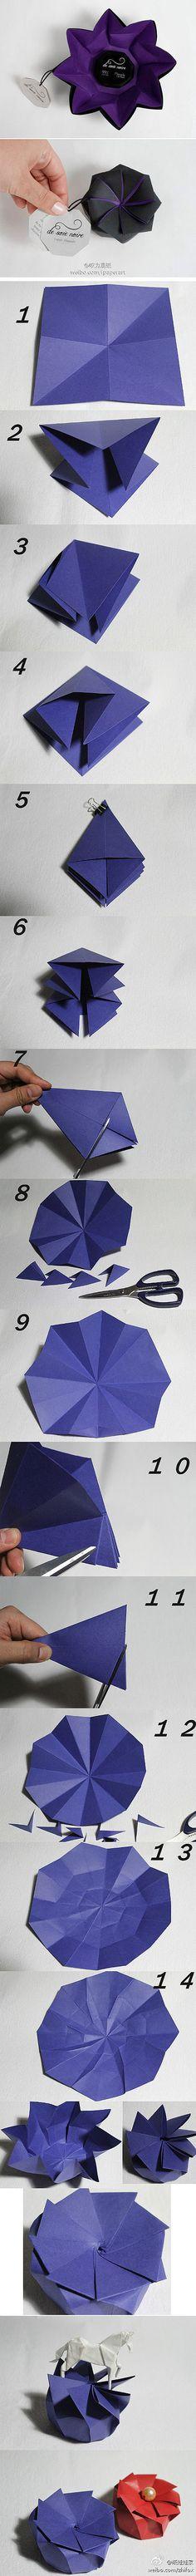 折纸 纸艺 #纸艺教程#